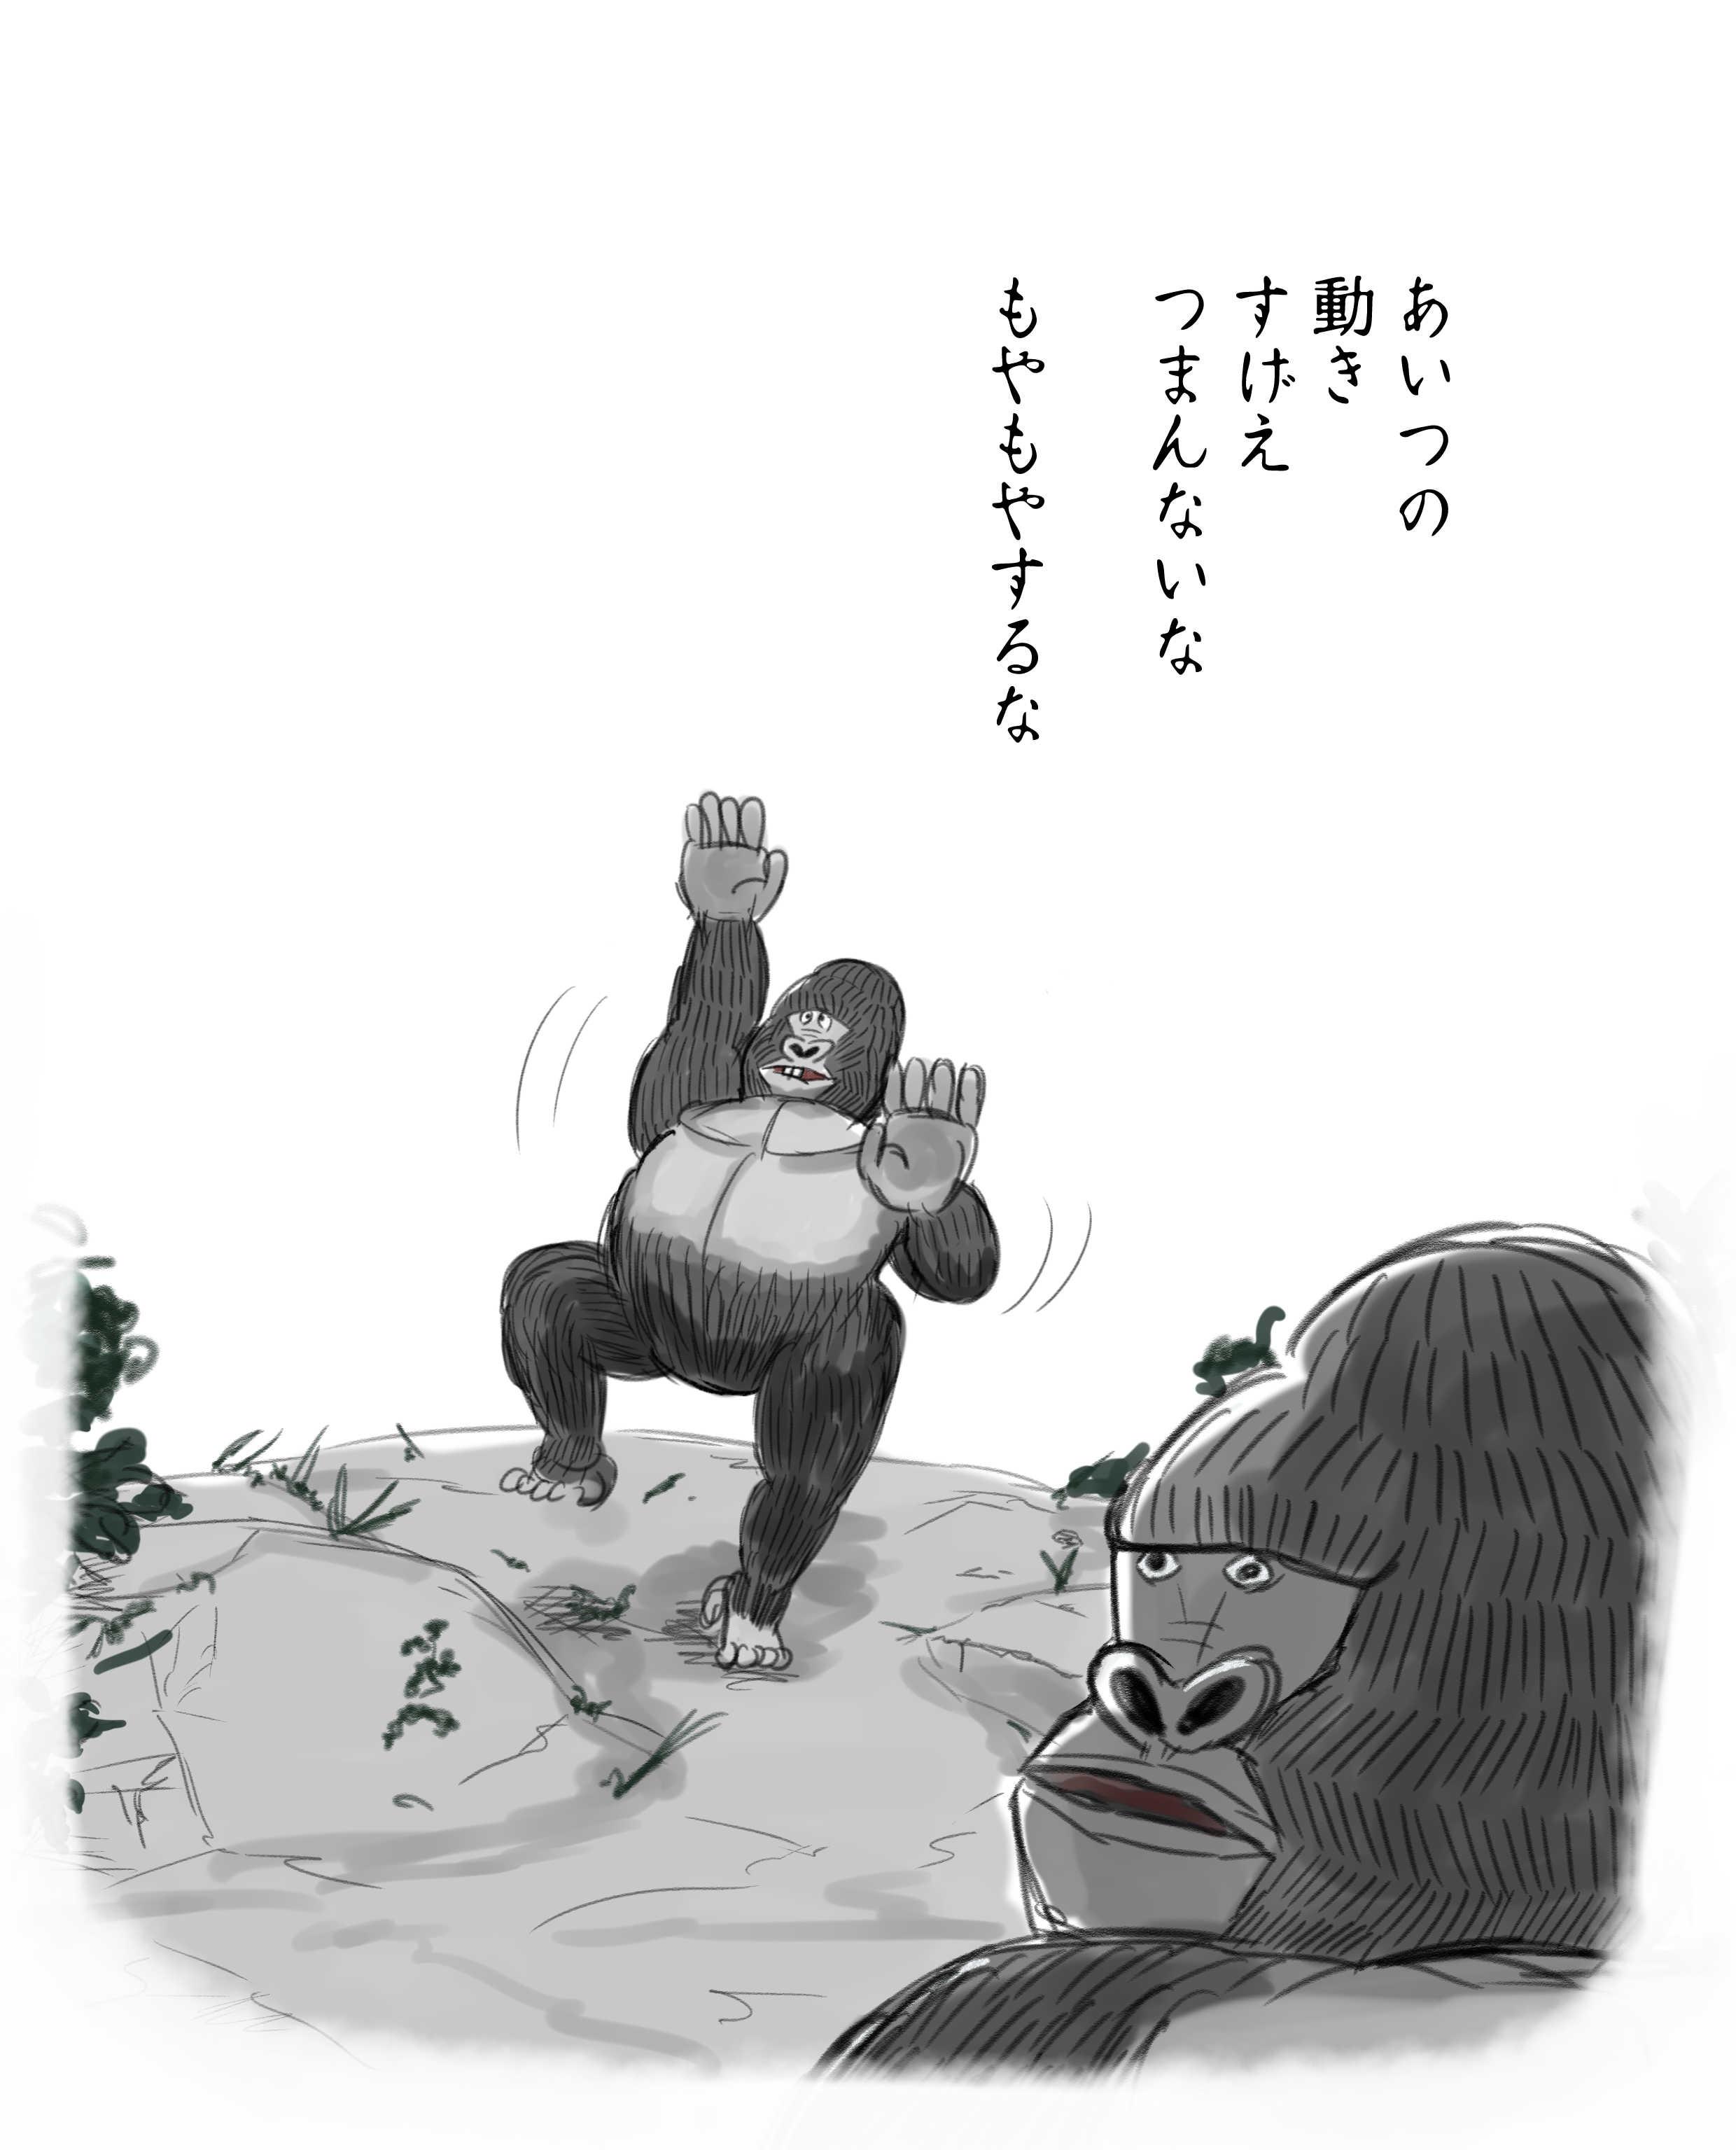 kanagori005.jpg